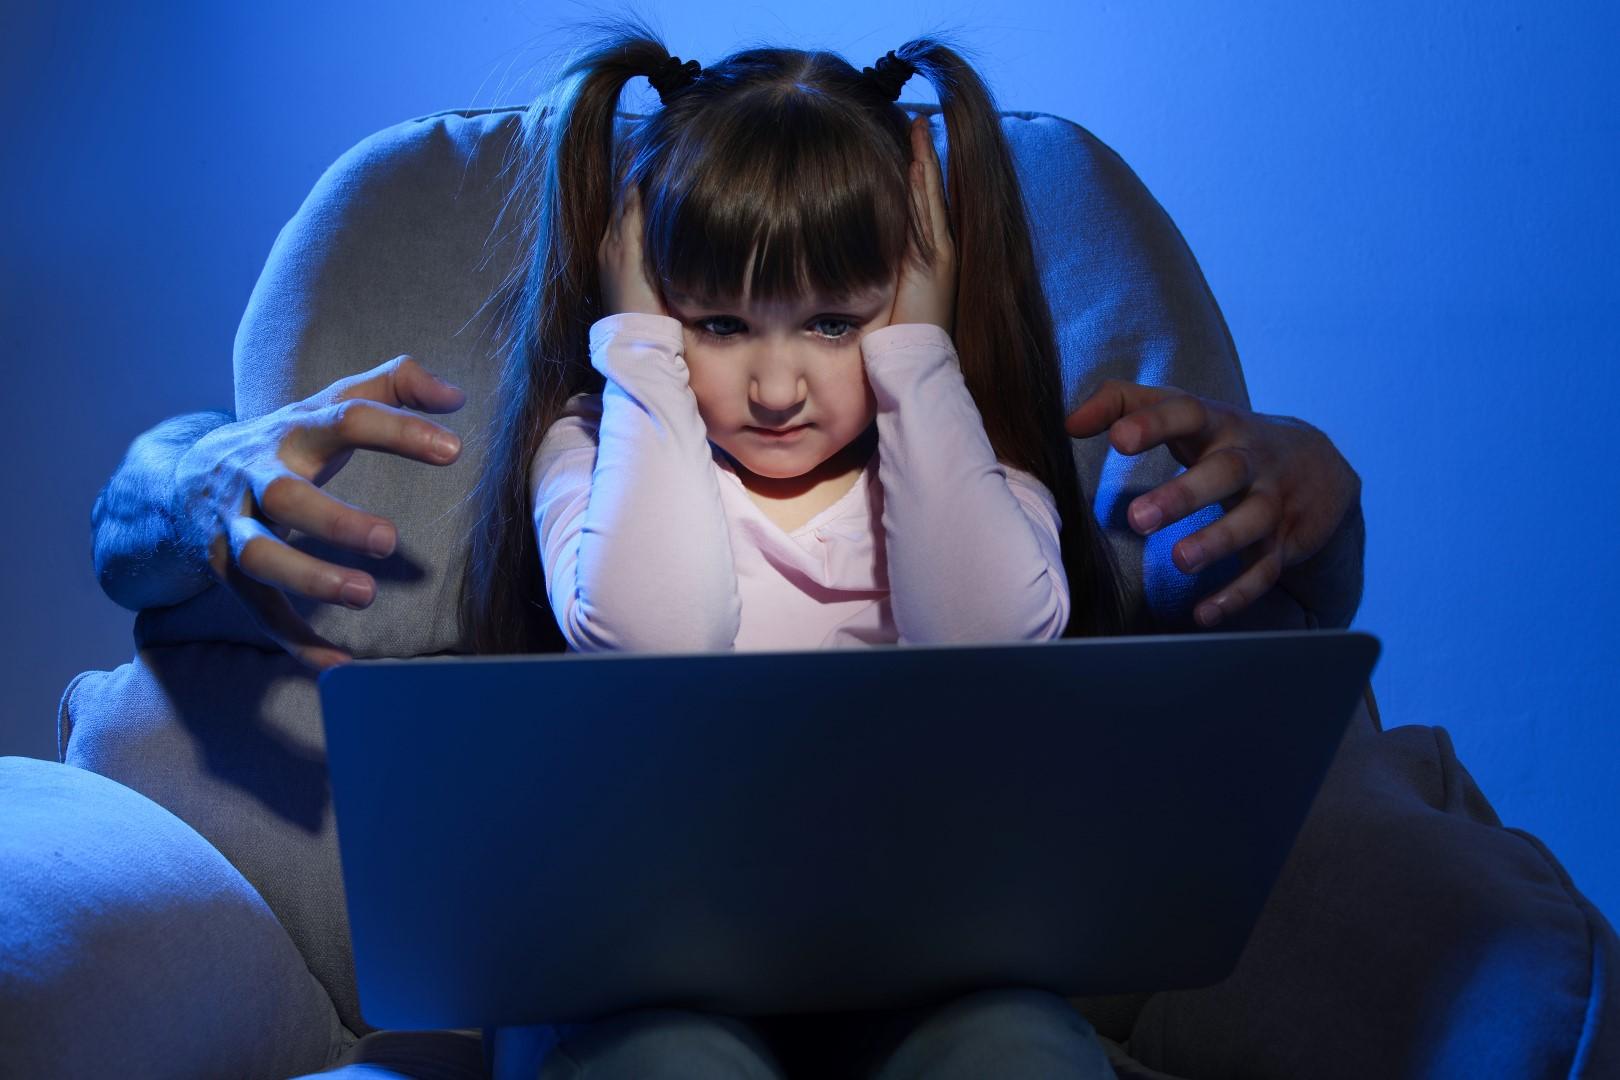 Pedofil w Krotoszynie. Jak chronić dziecko? - Zdjęcie główne